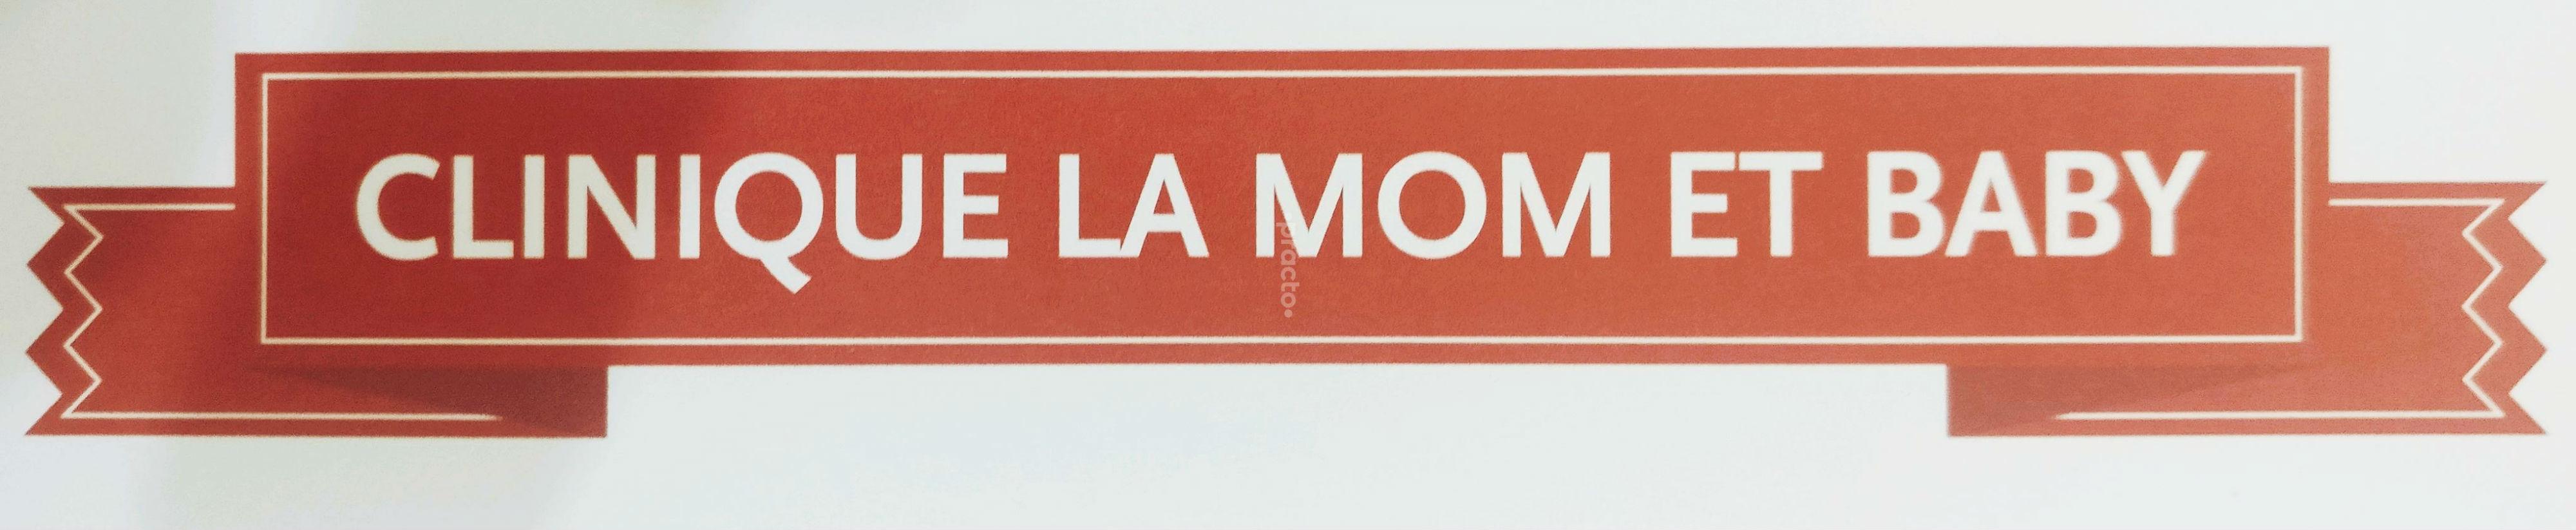 Clinique La Mom Et Baby